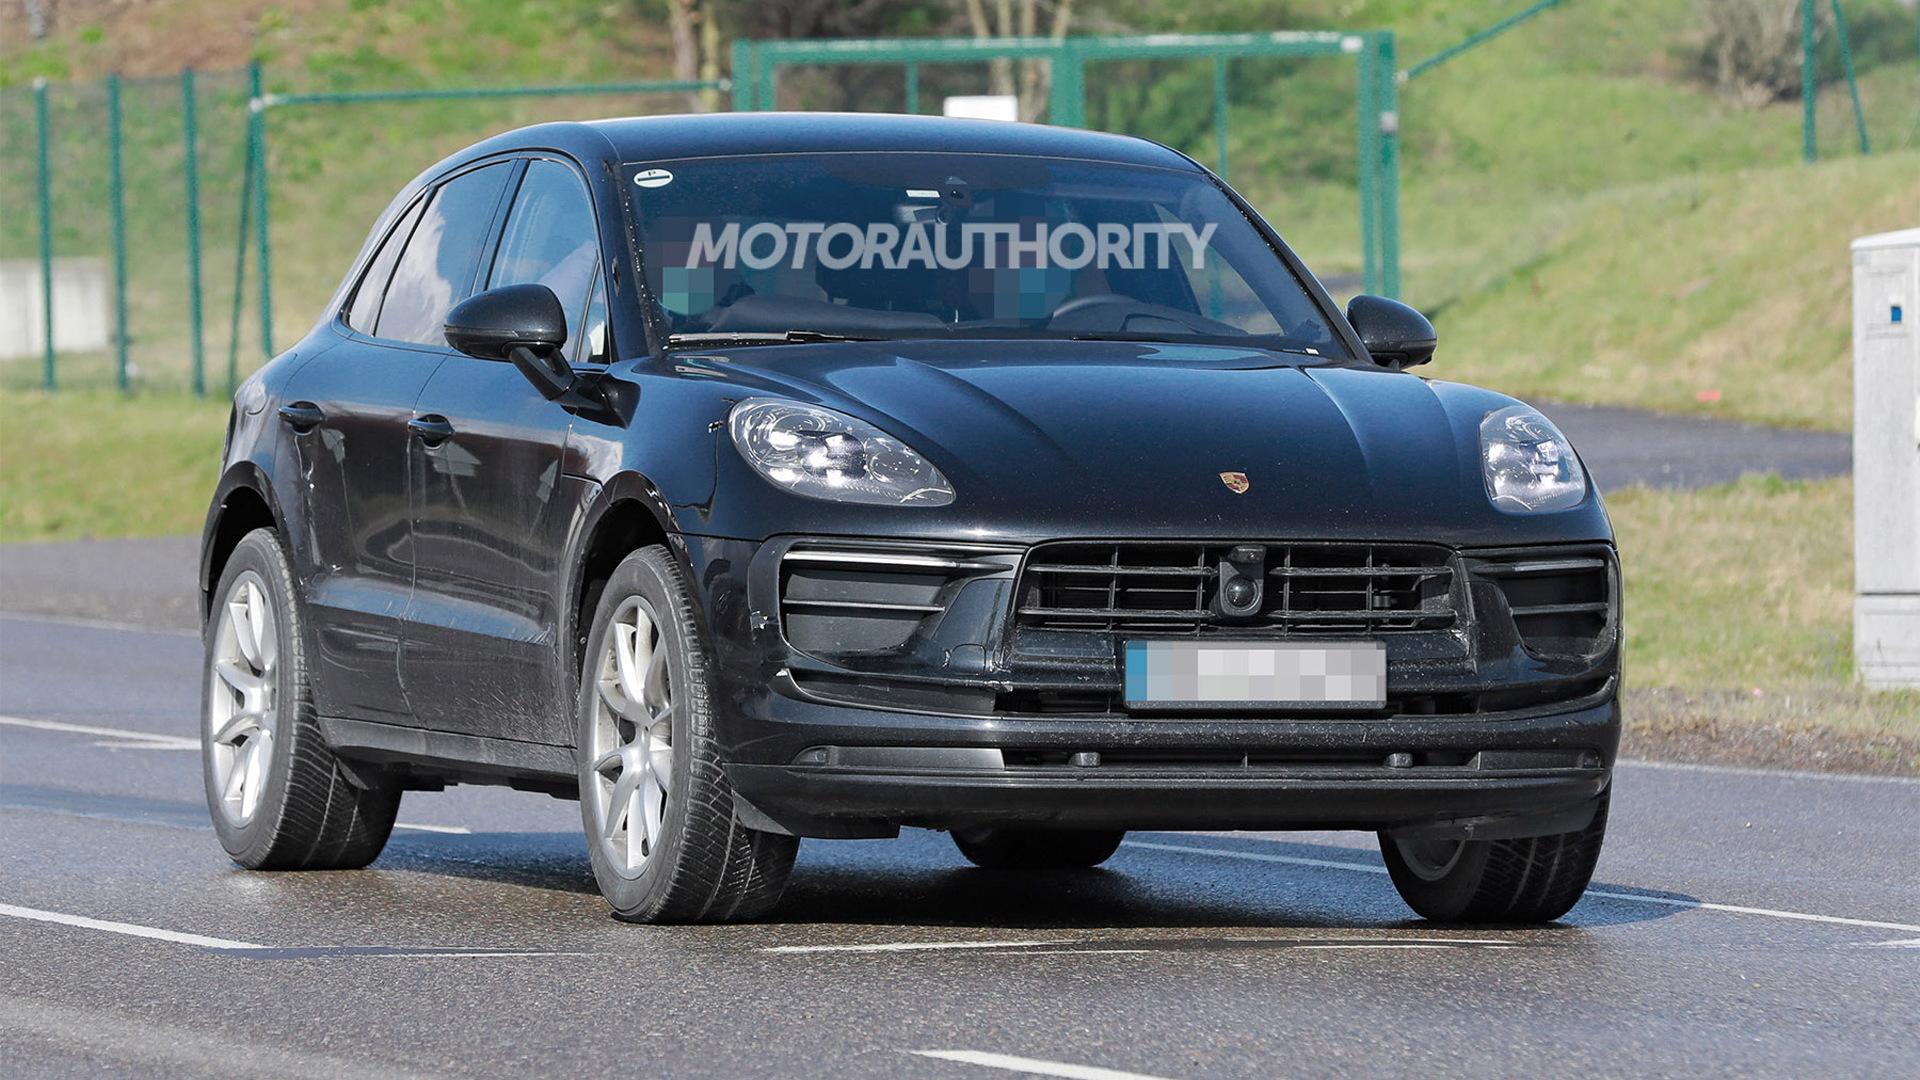 2022 Porsche Macan facelift spy shots - Photo credit:S. Baldauf/SB-Medien